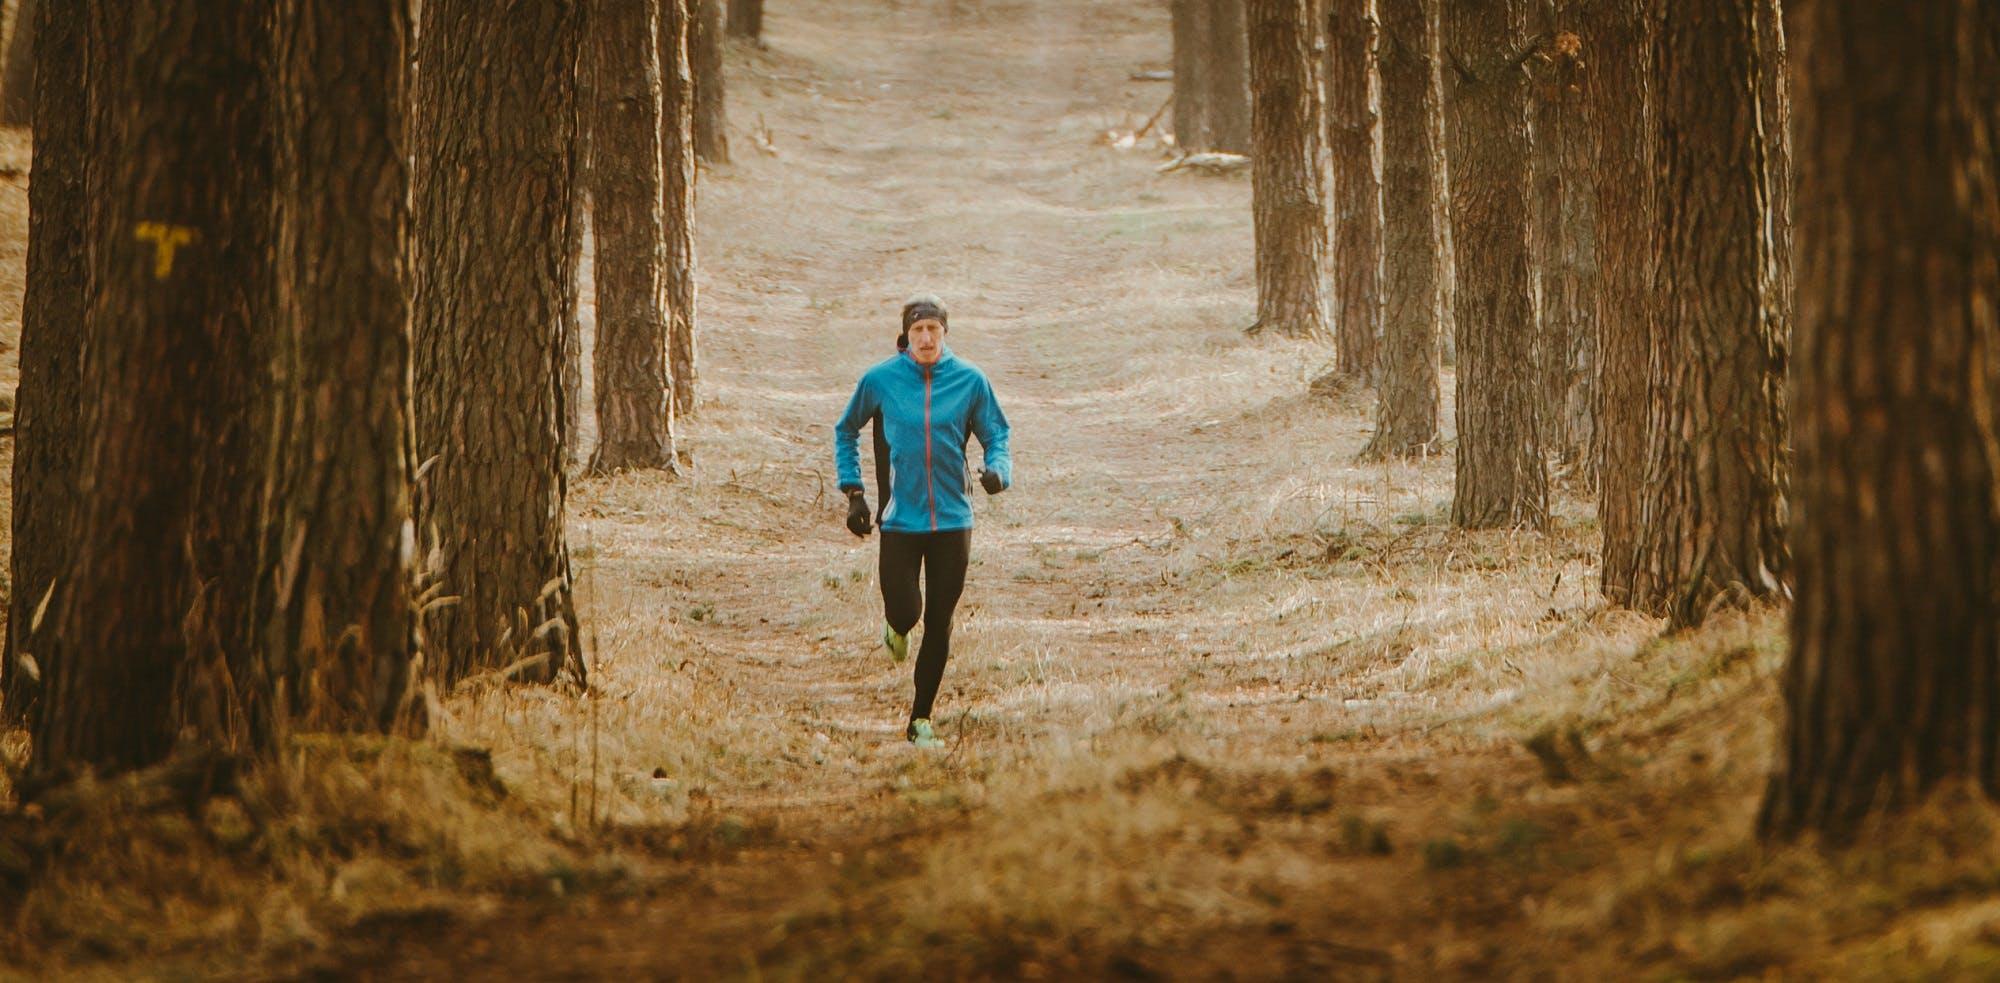 Γιατί το να τρέχουμε μόνοι μας είναι πιο δύσκολο;Tι απαντά η επιστήμη